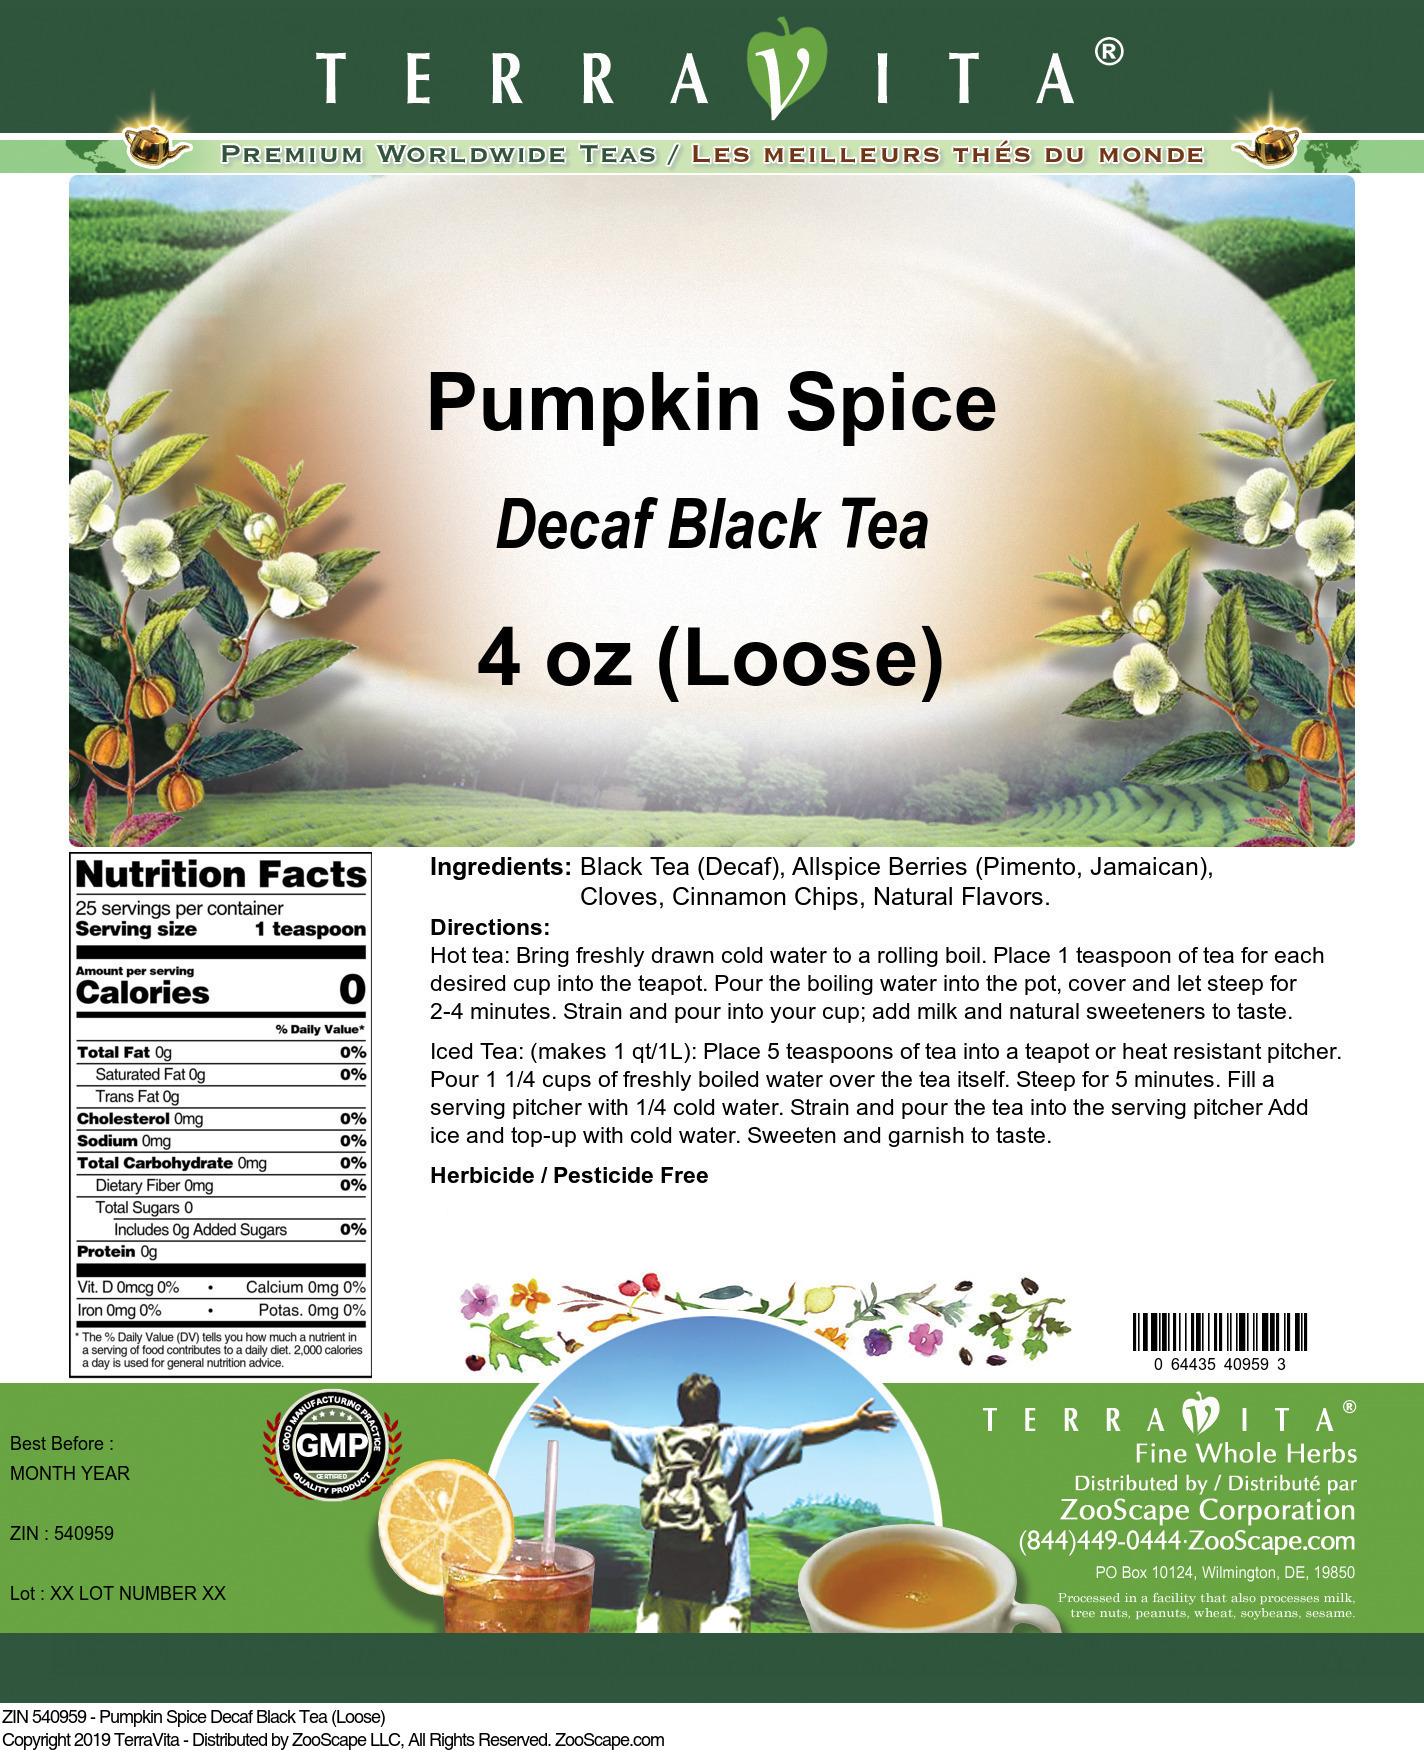 Pumpkin Spice Decaf Black Tea (Loose)